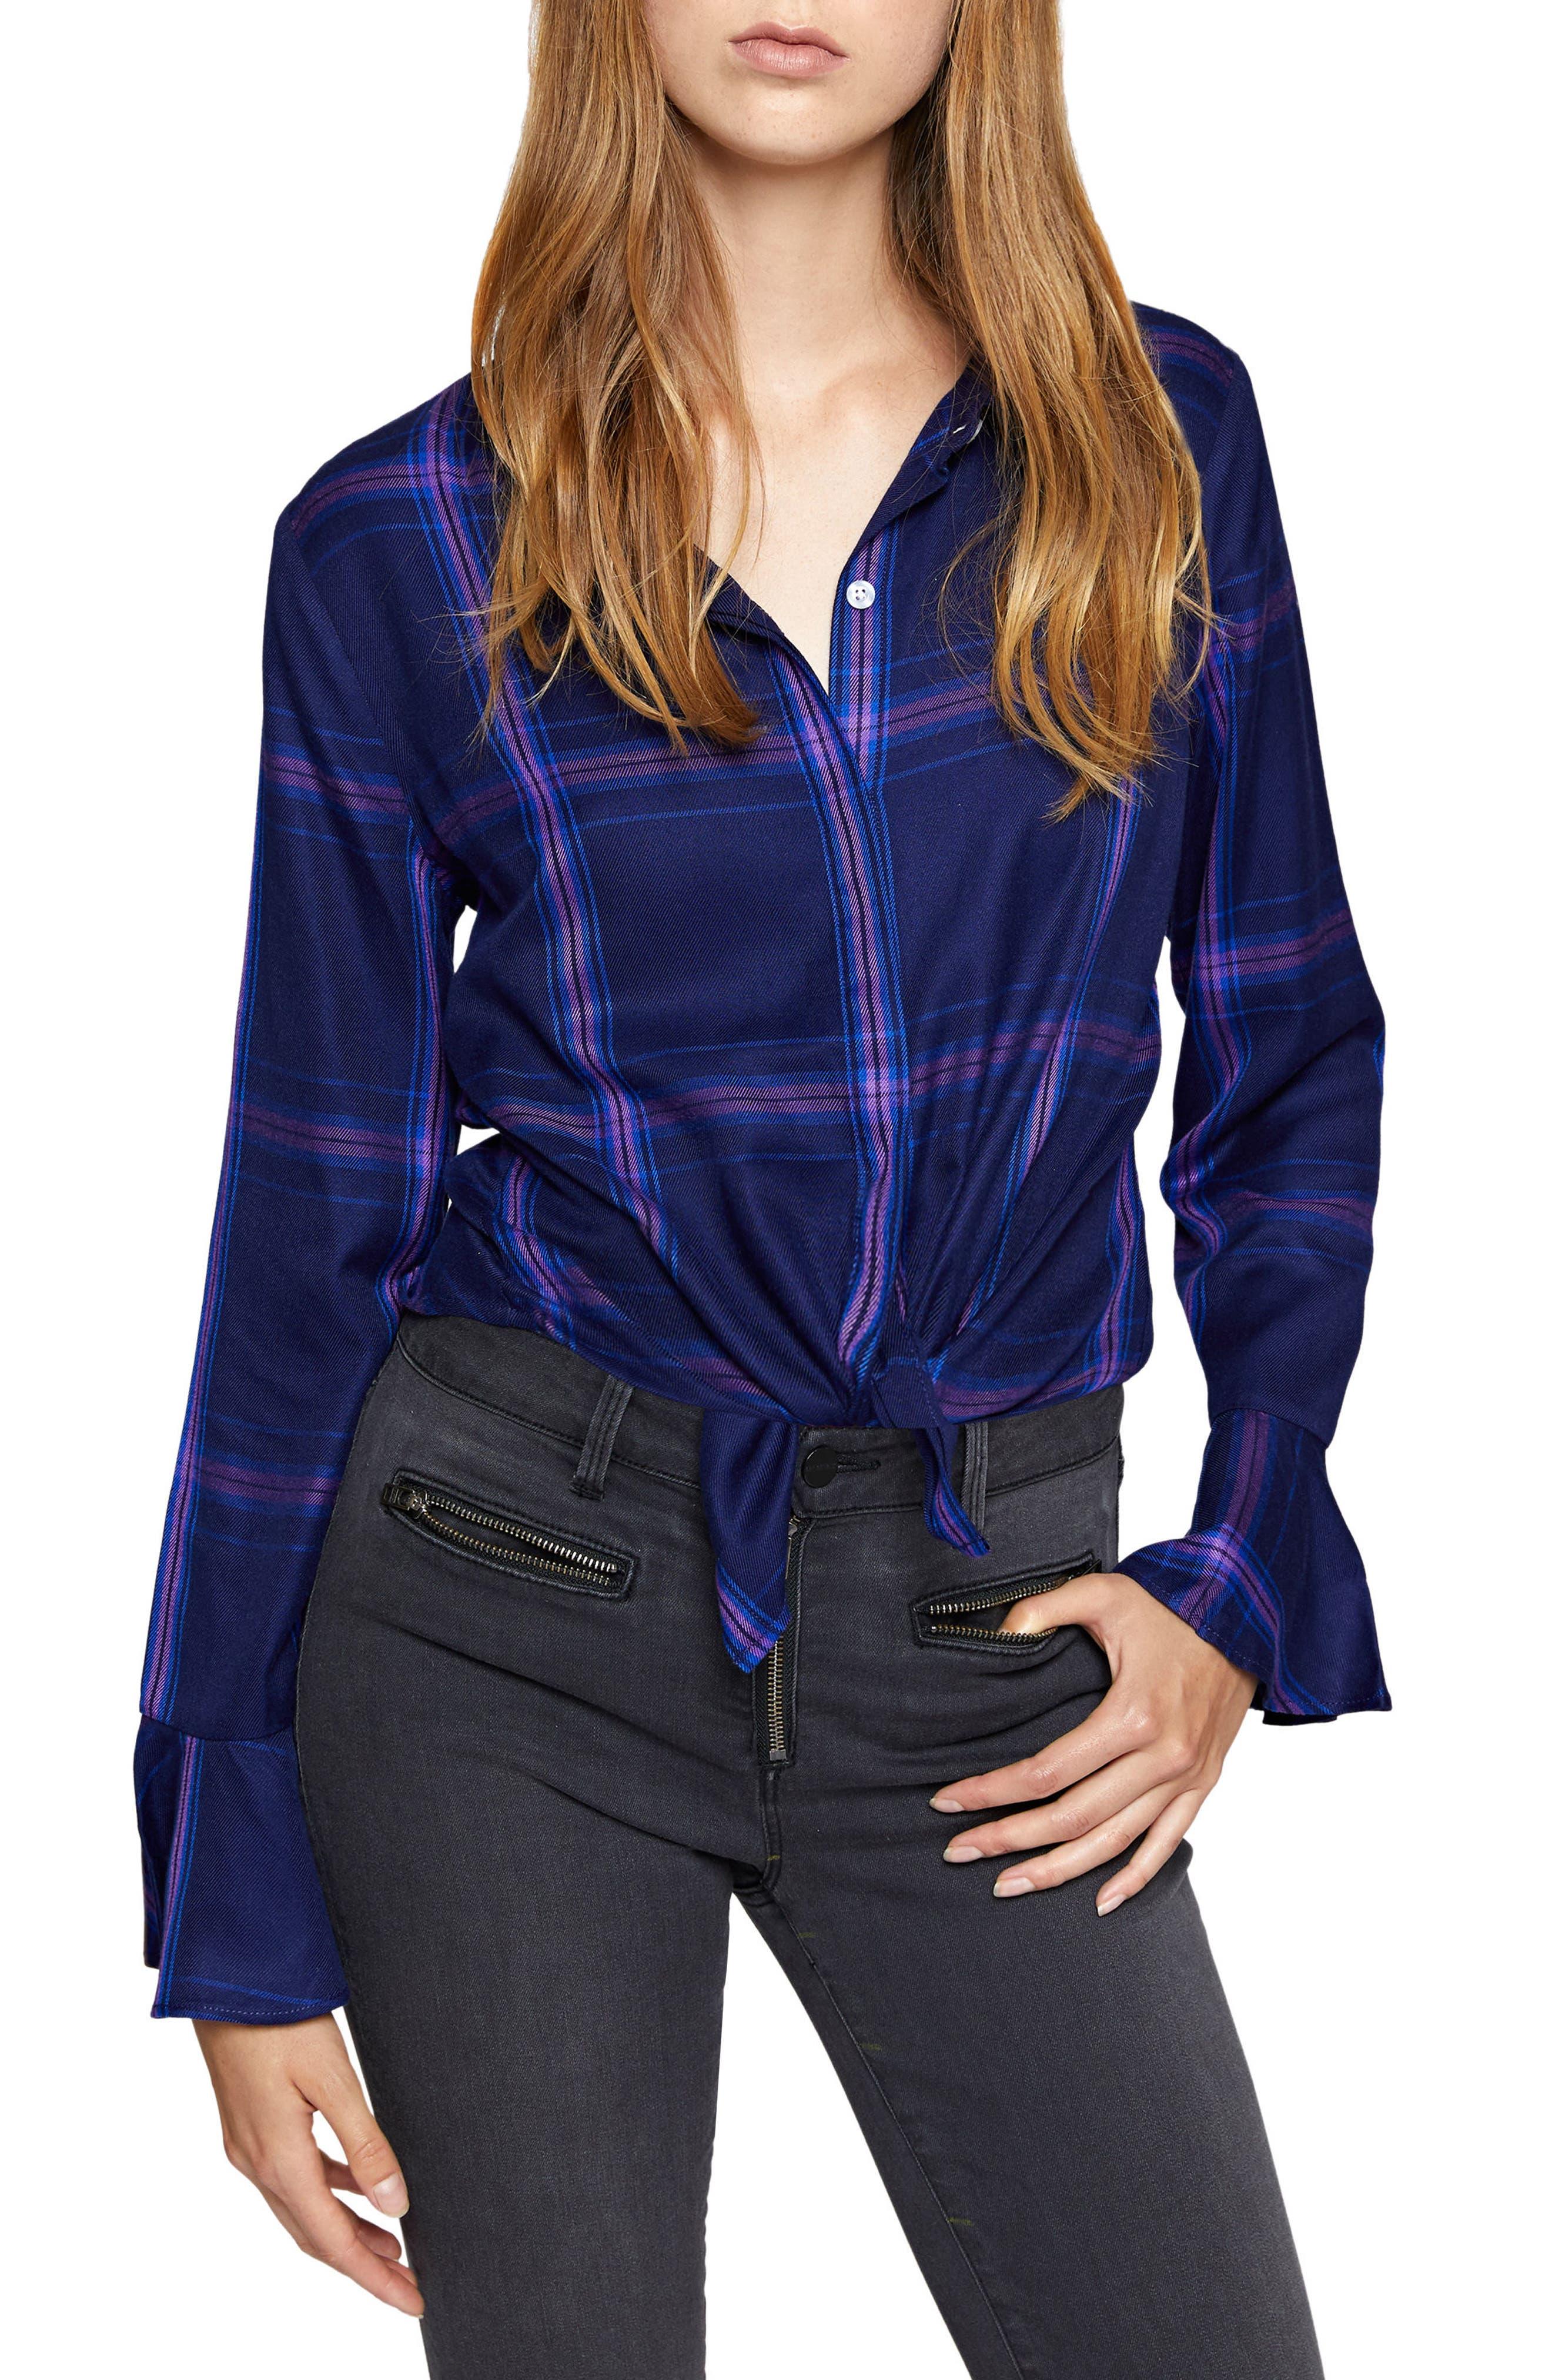 Nightscape Shirt,                         Main,                         color, Nocturne Plaid